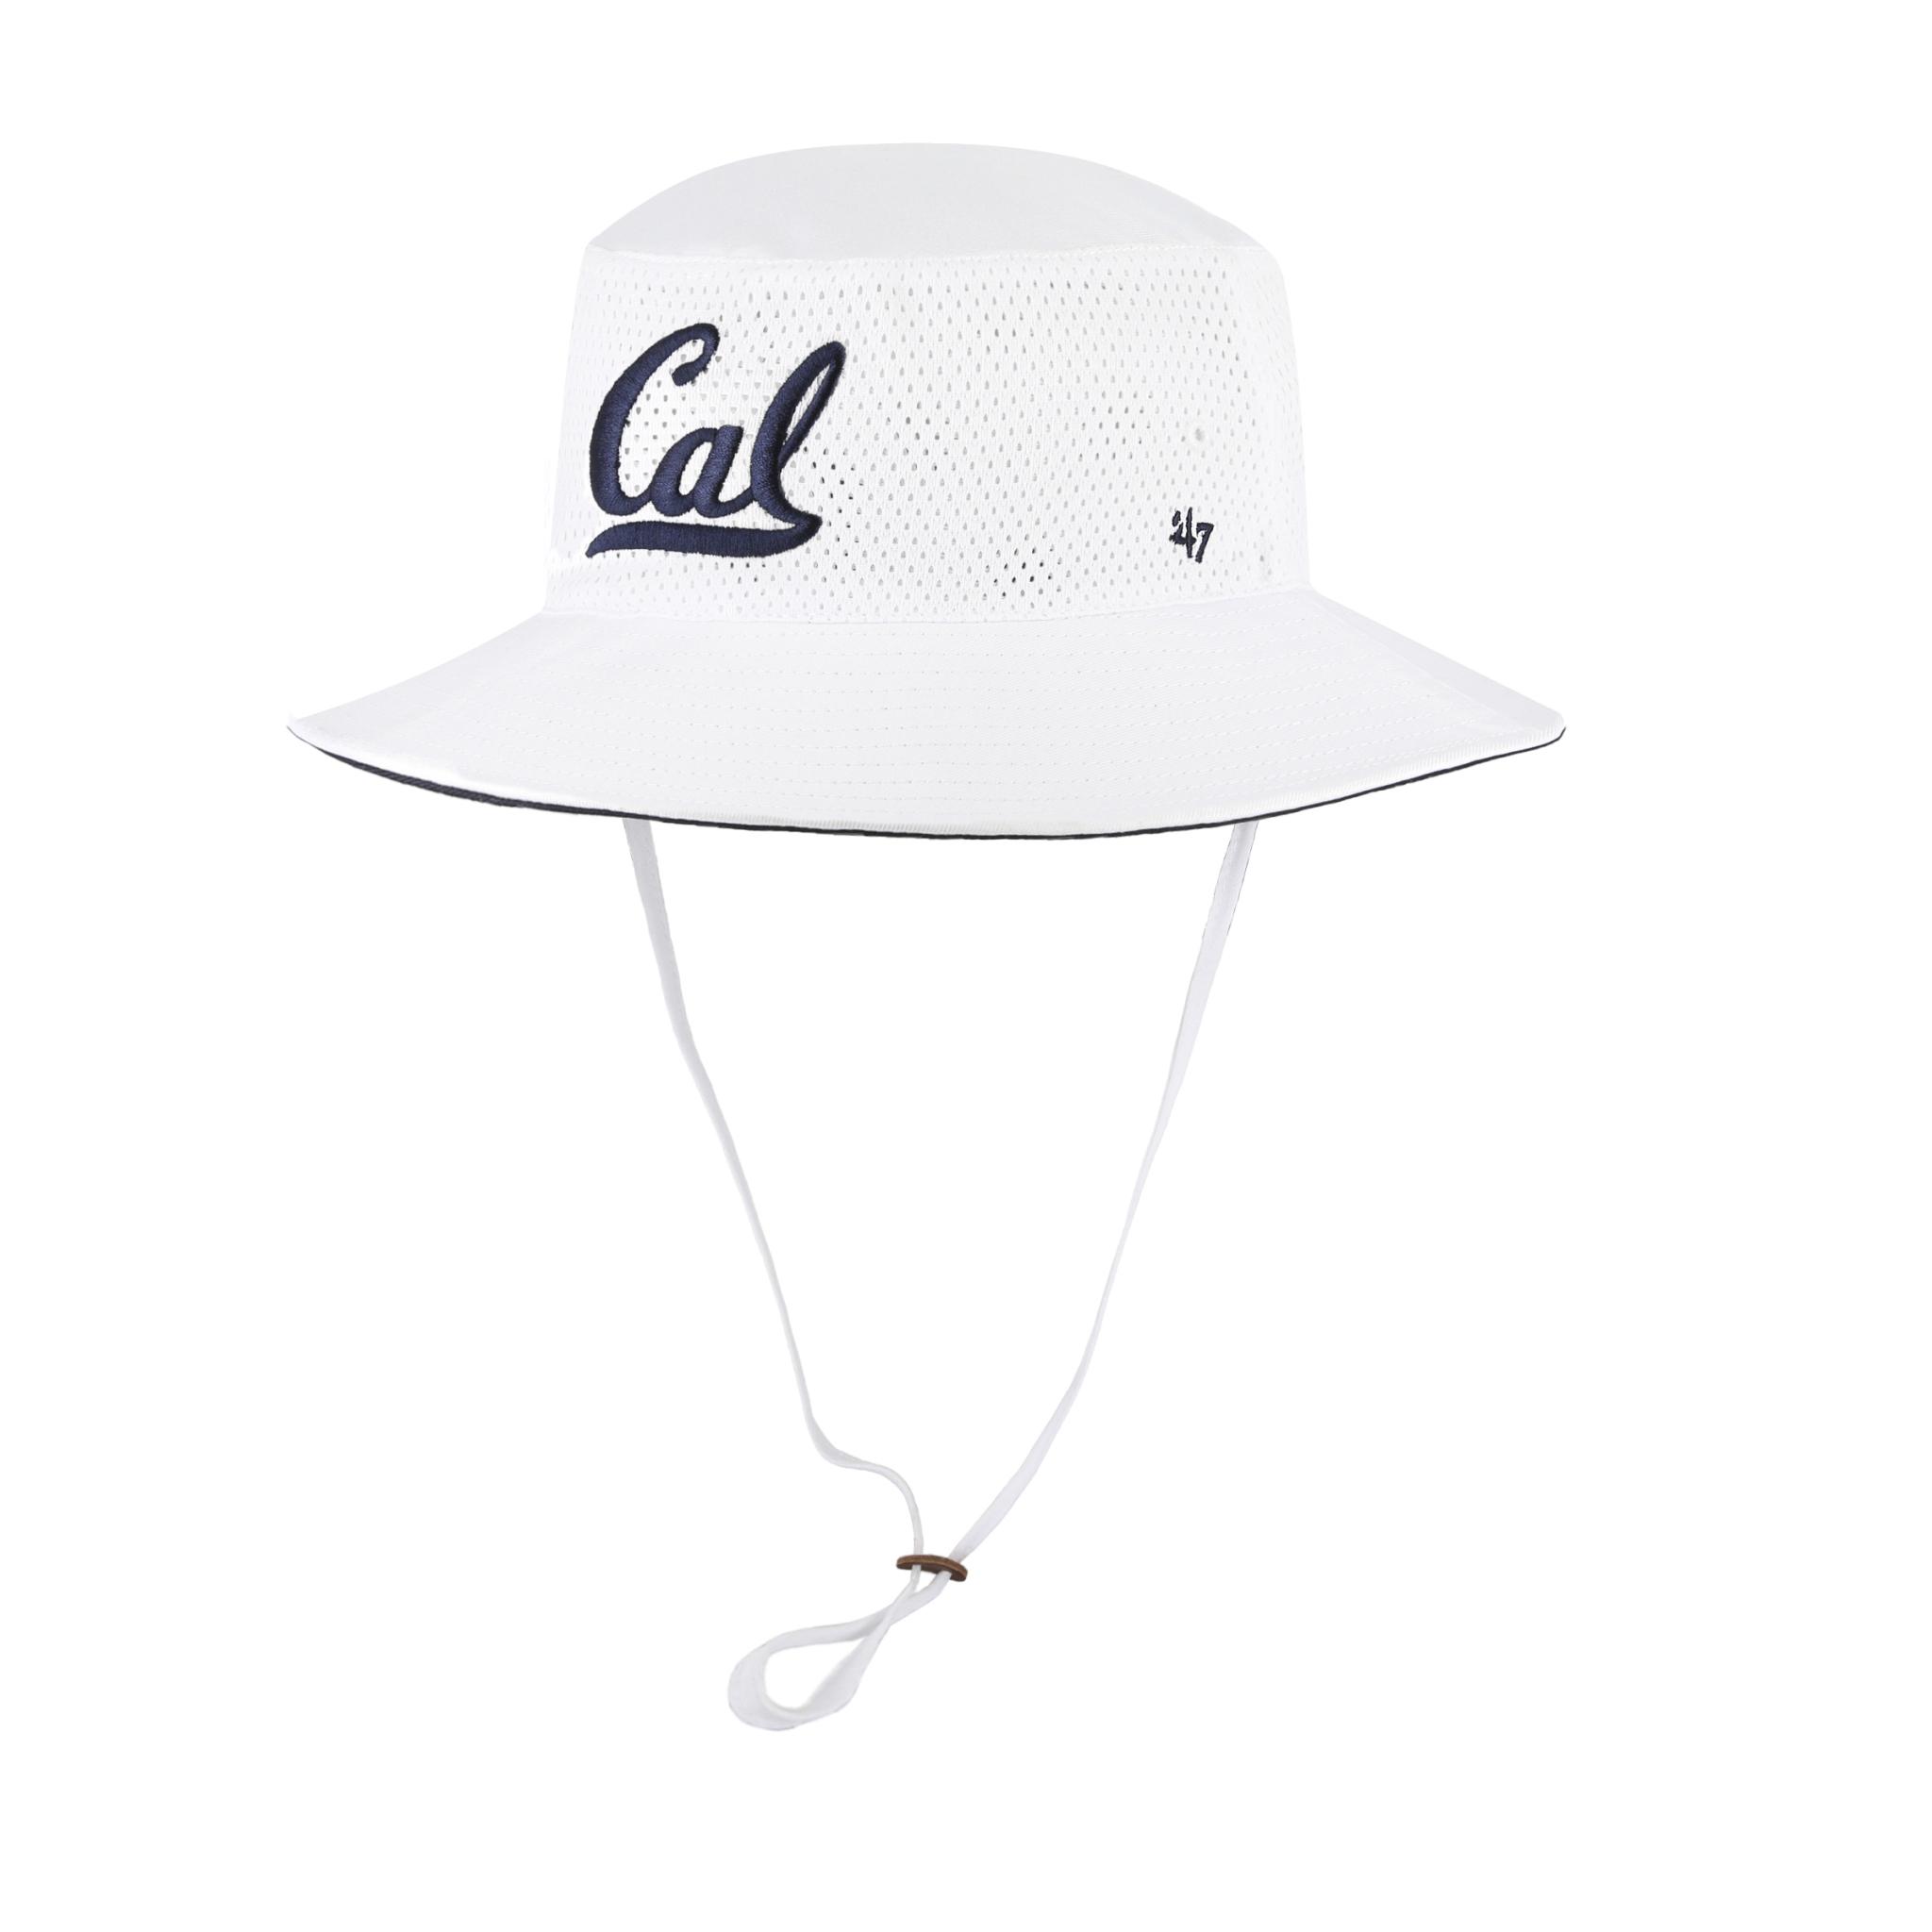 Panama Pail Bucket Cap